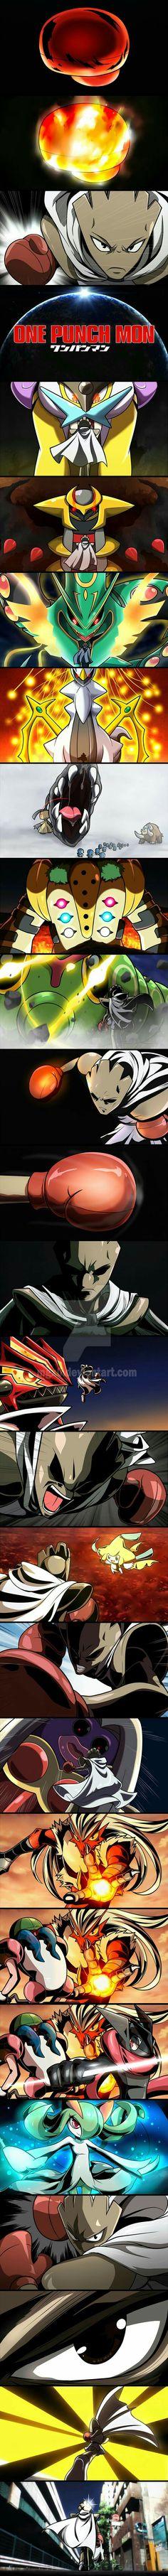 quiero este anime